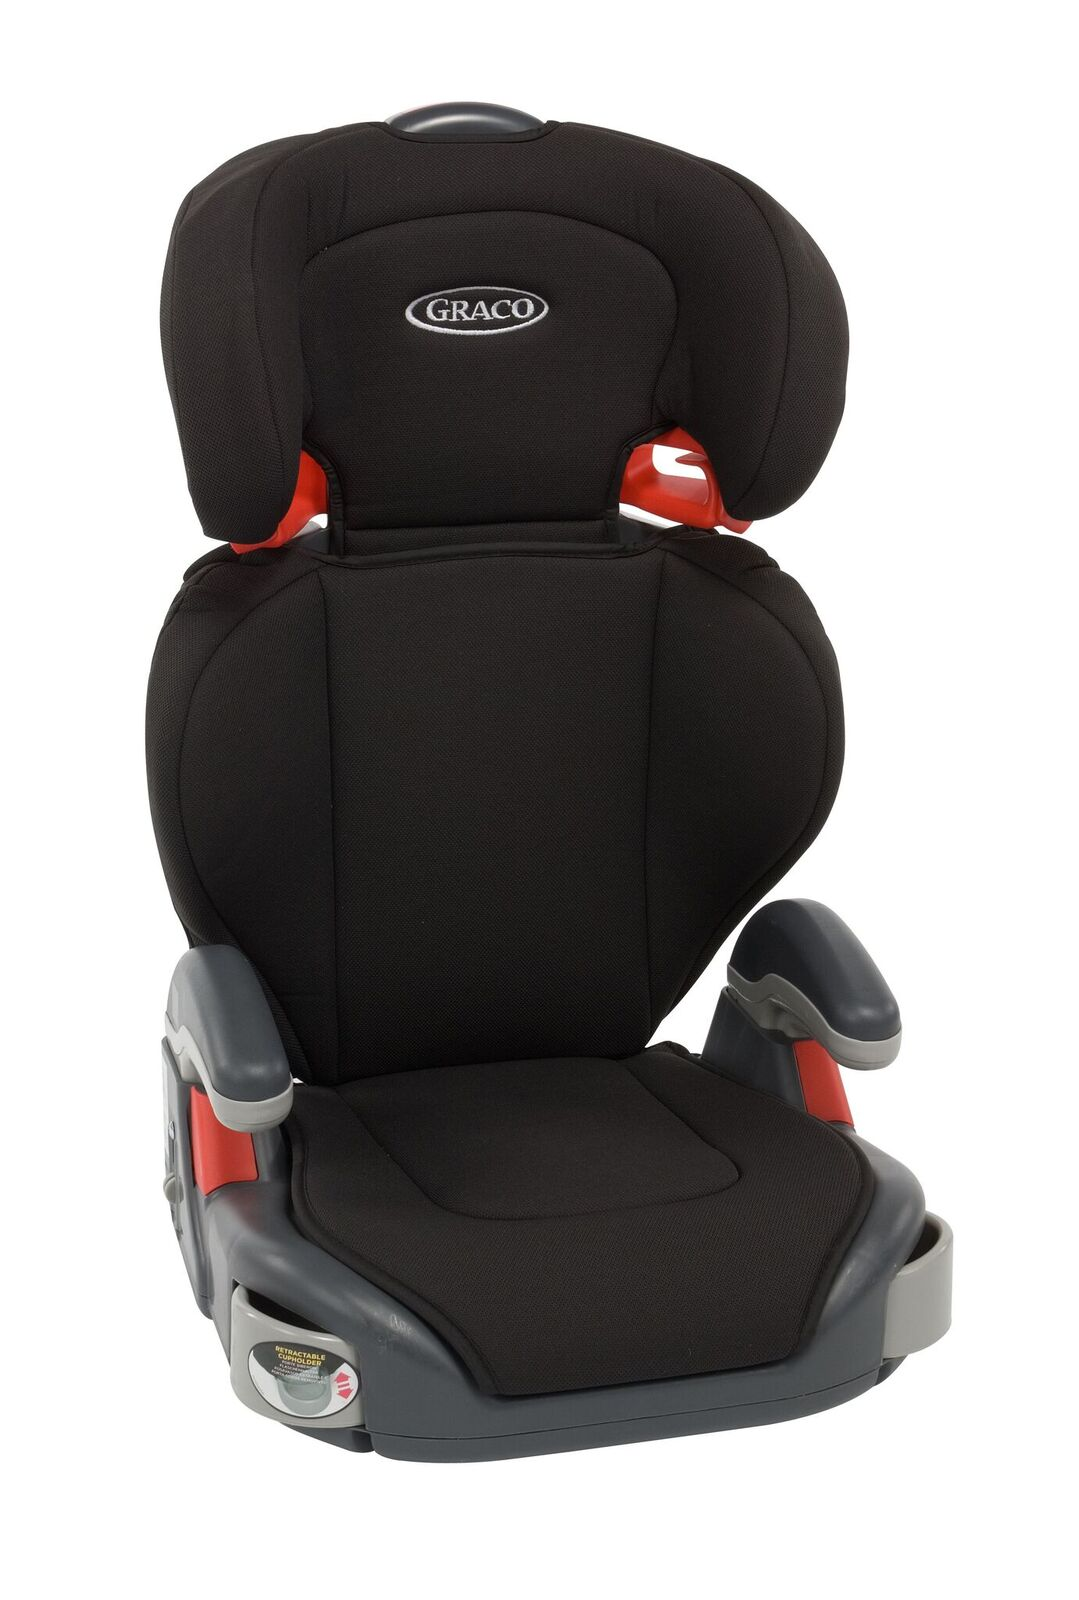 Graco Graco, junior maxi sport luxe - autostol (til sele montering), 3 stk. på lager fra pixizoo